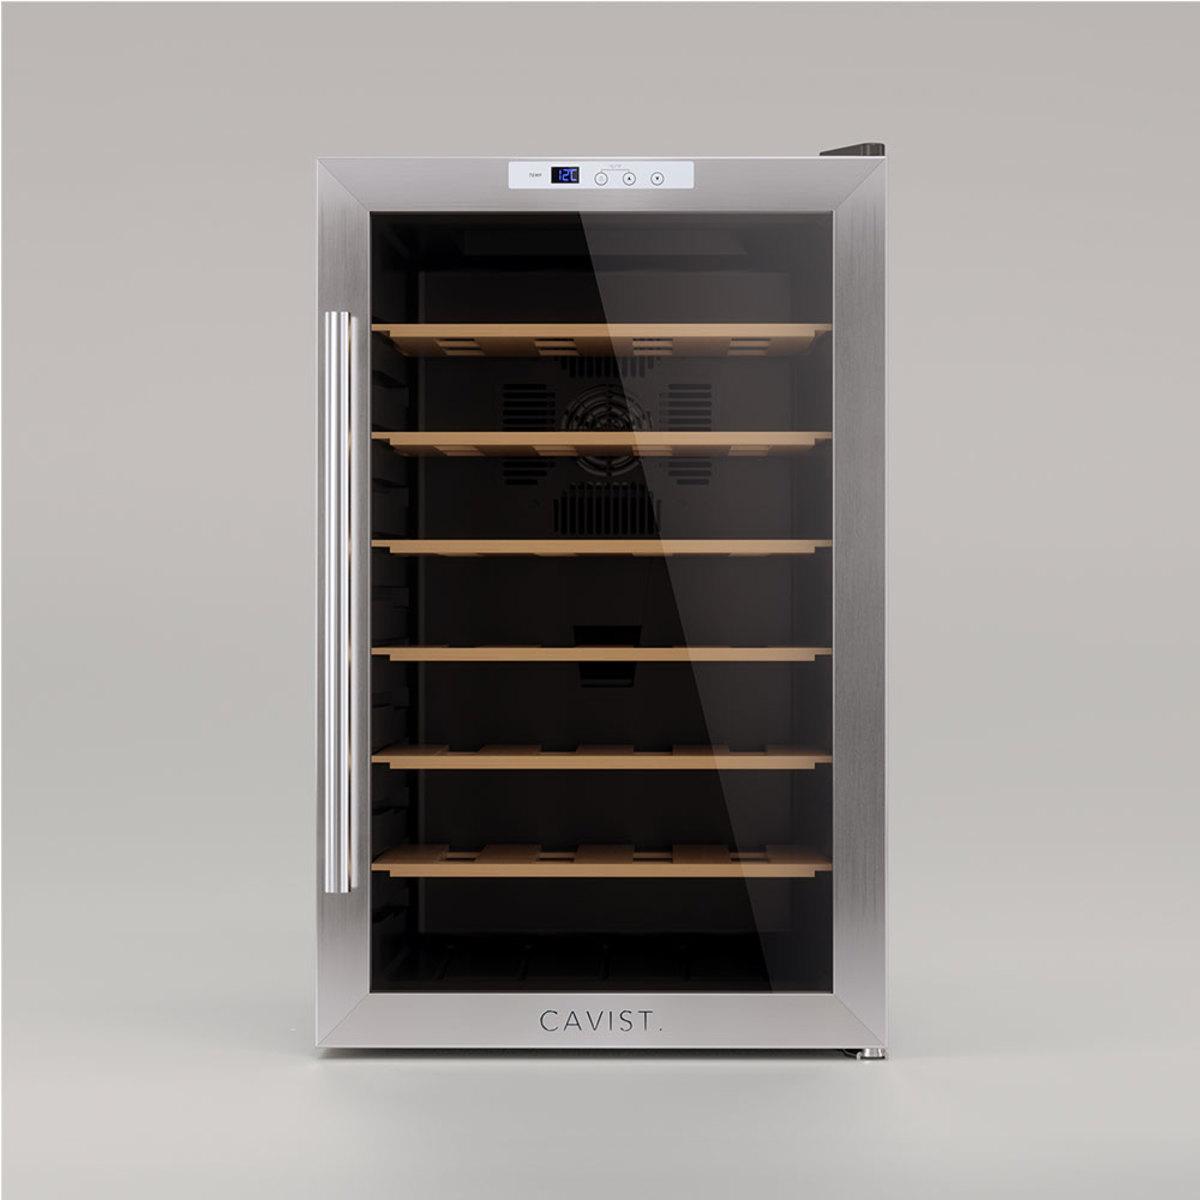 Bild 5 von CAVIST Weinkühlschrank für 28 Flaschen